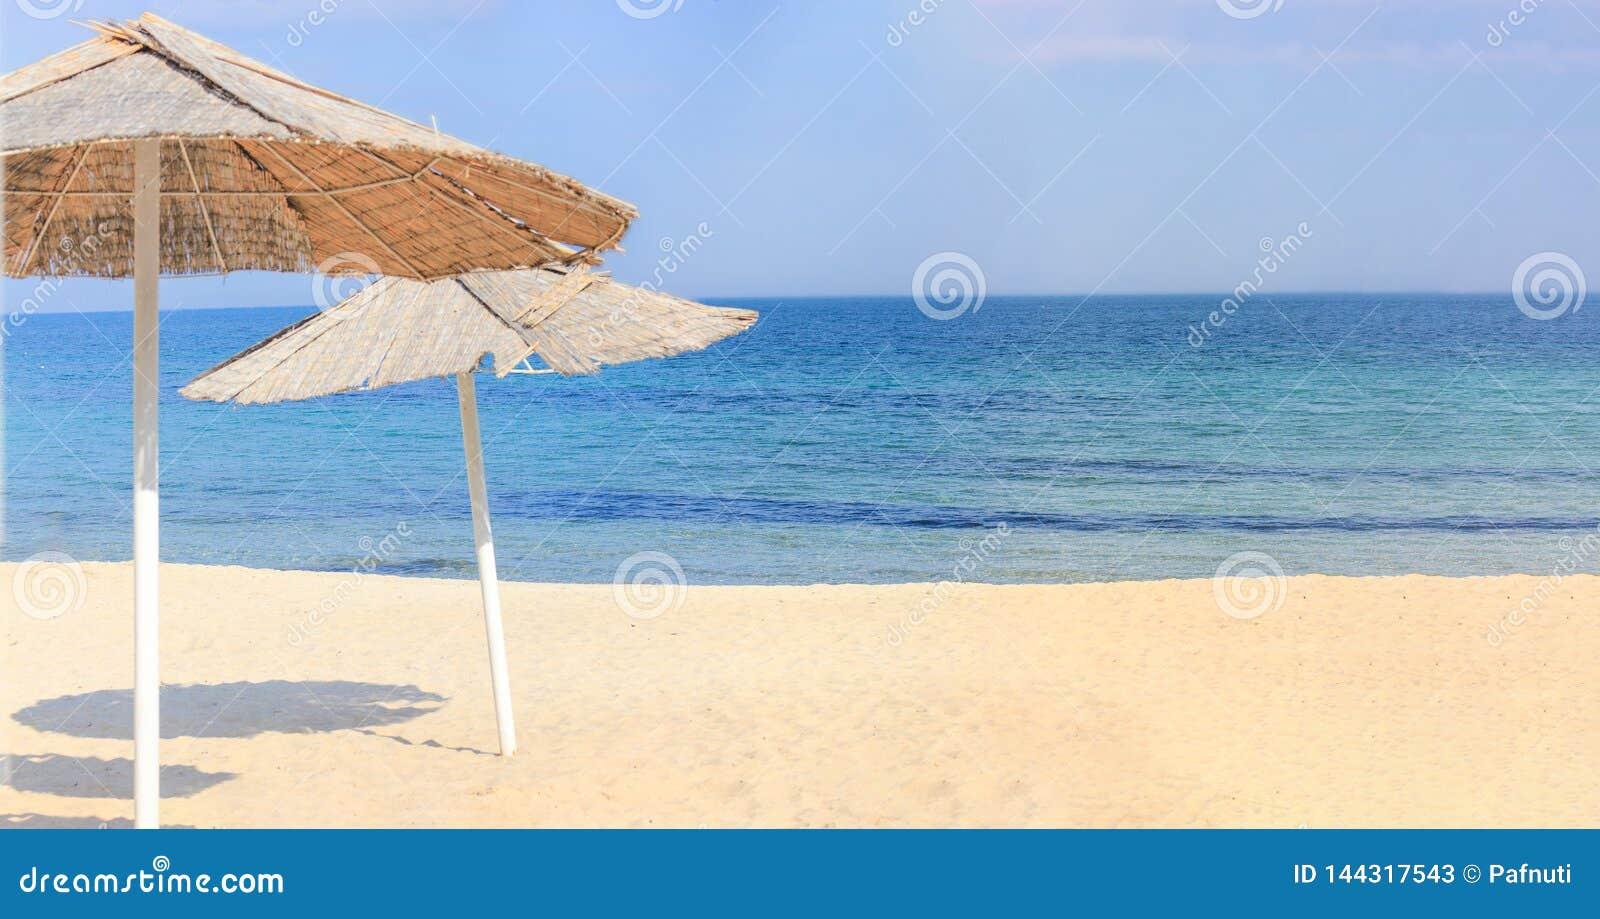 Strandschirme und sauberer Sand gegen